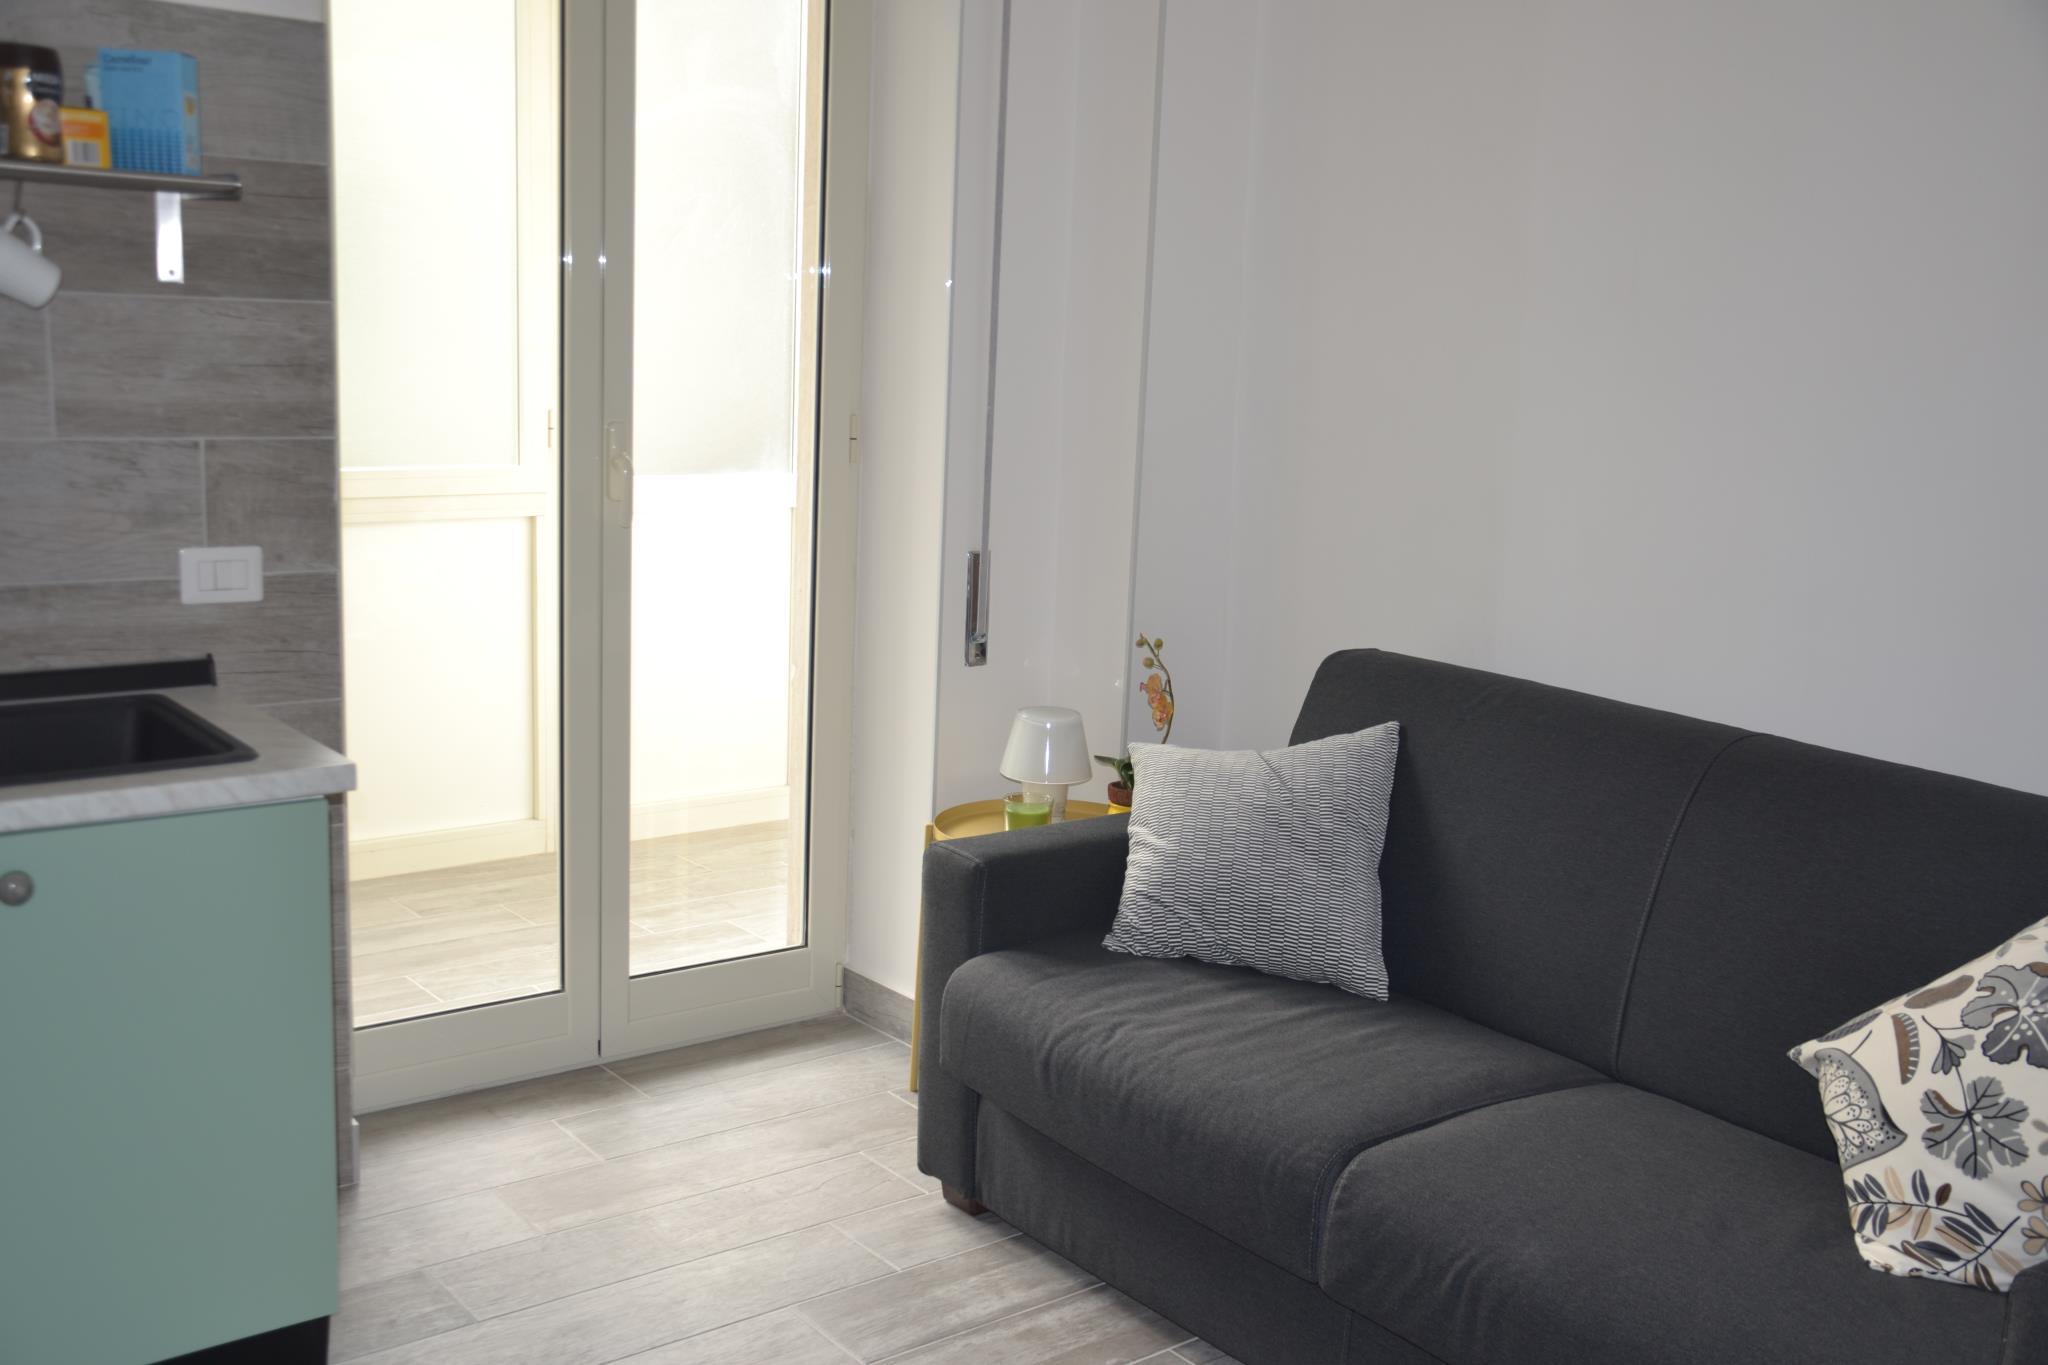 Appartamento Due Camere Letto